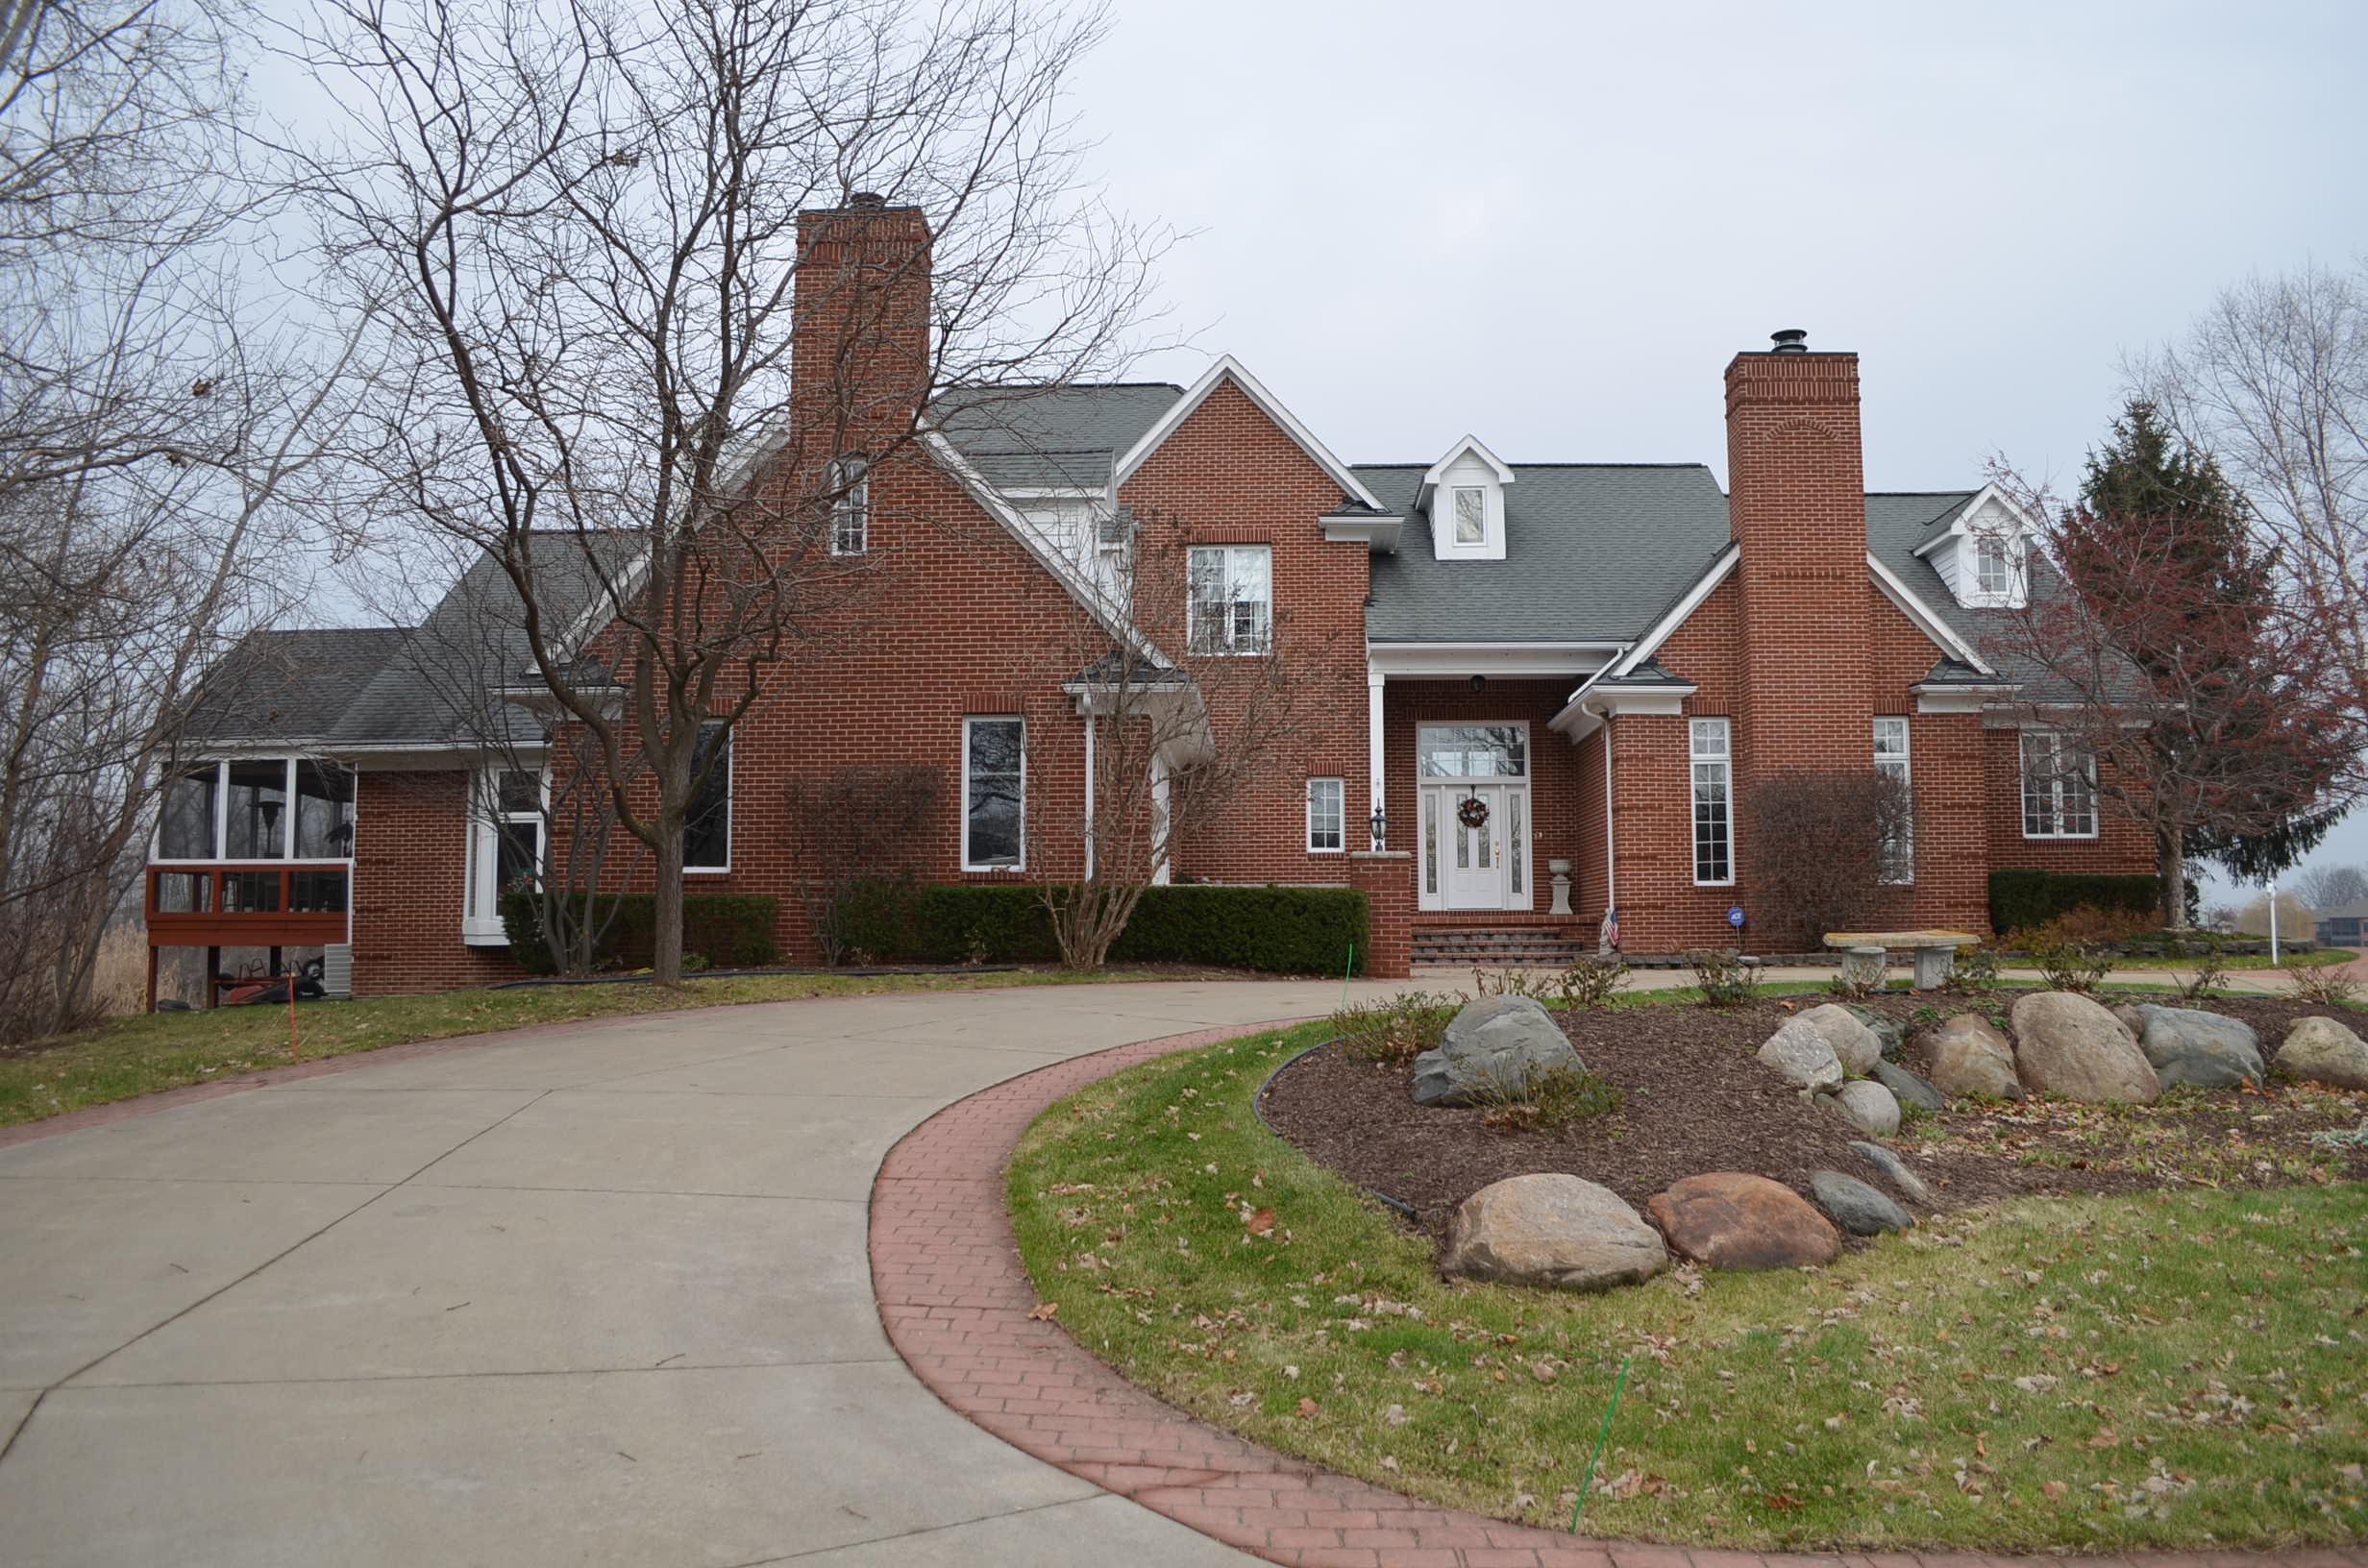 52548 Caddy Lane, South Lyon, Michigan 48178